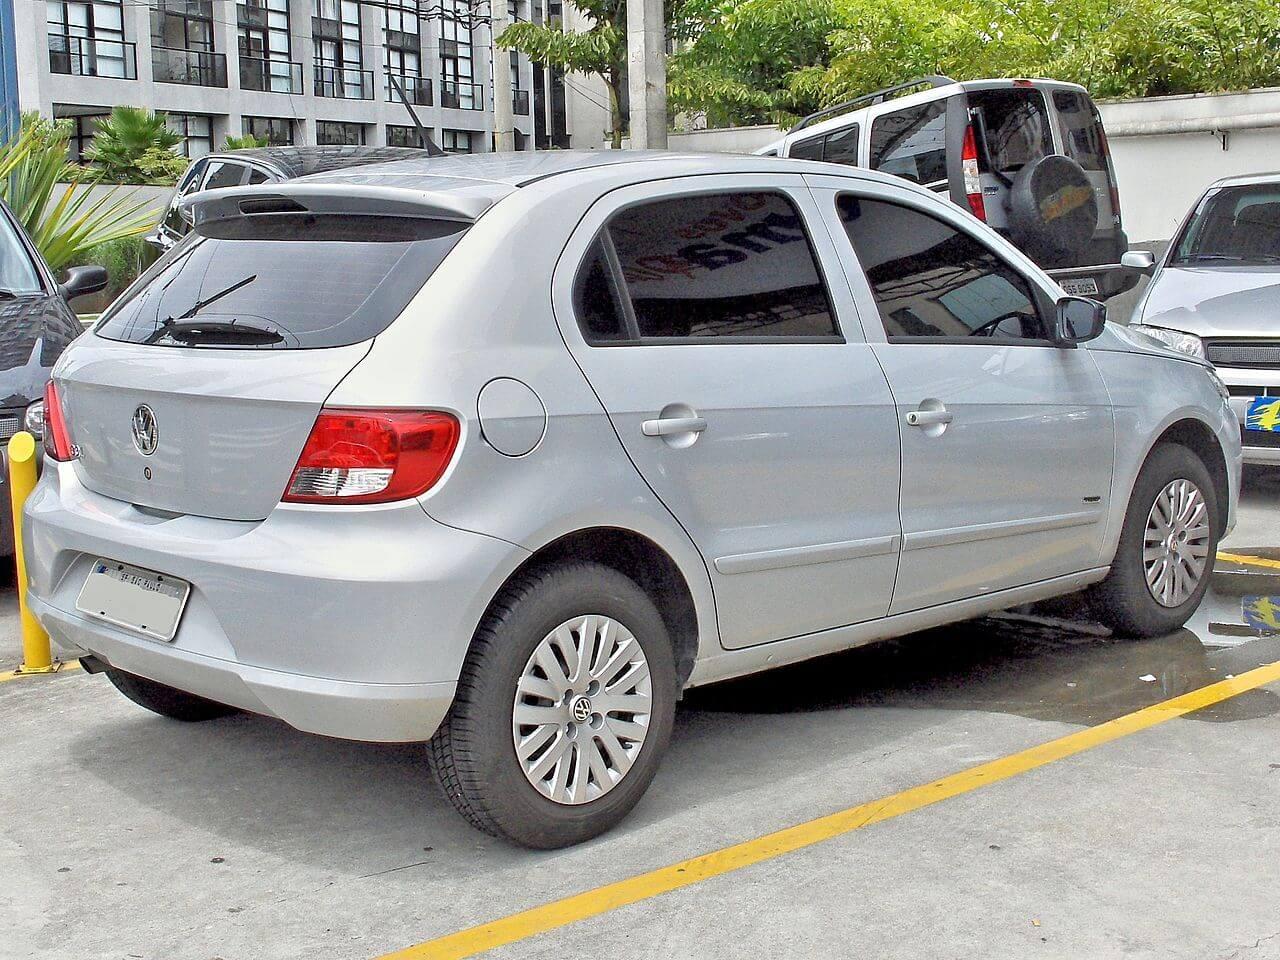 Volkswagen Gol, melhores carros populares